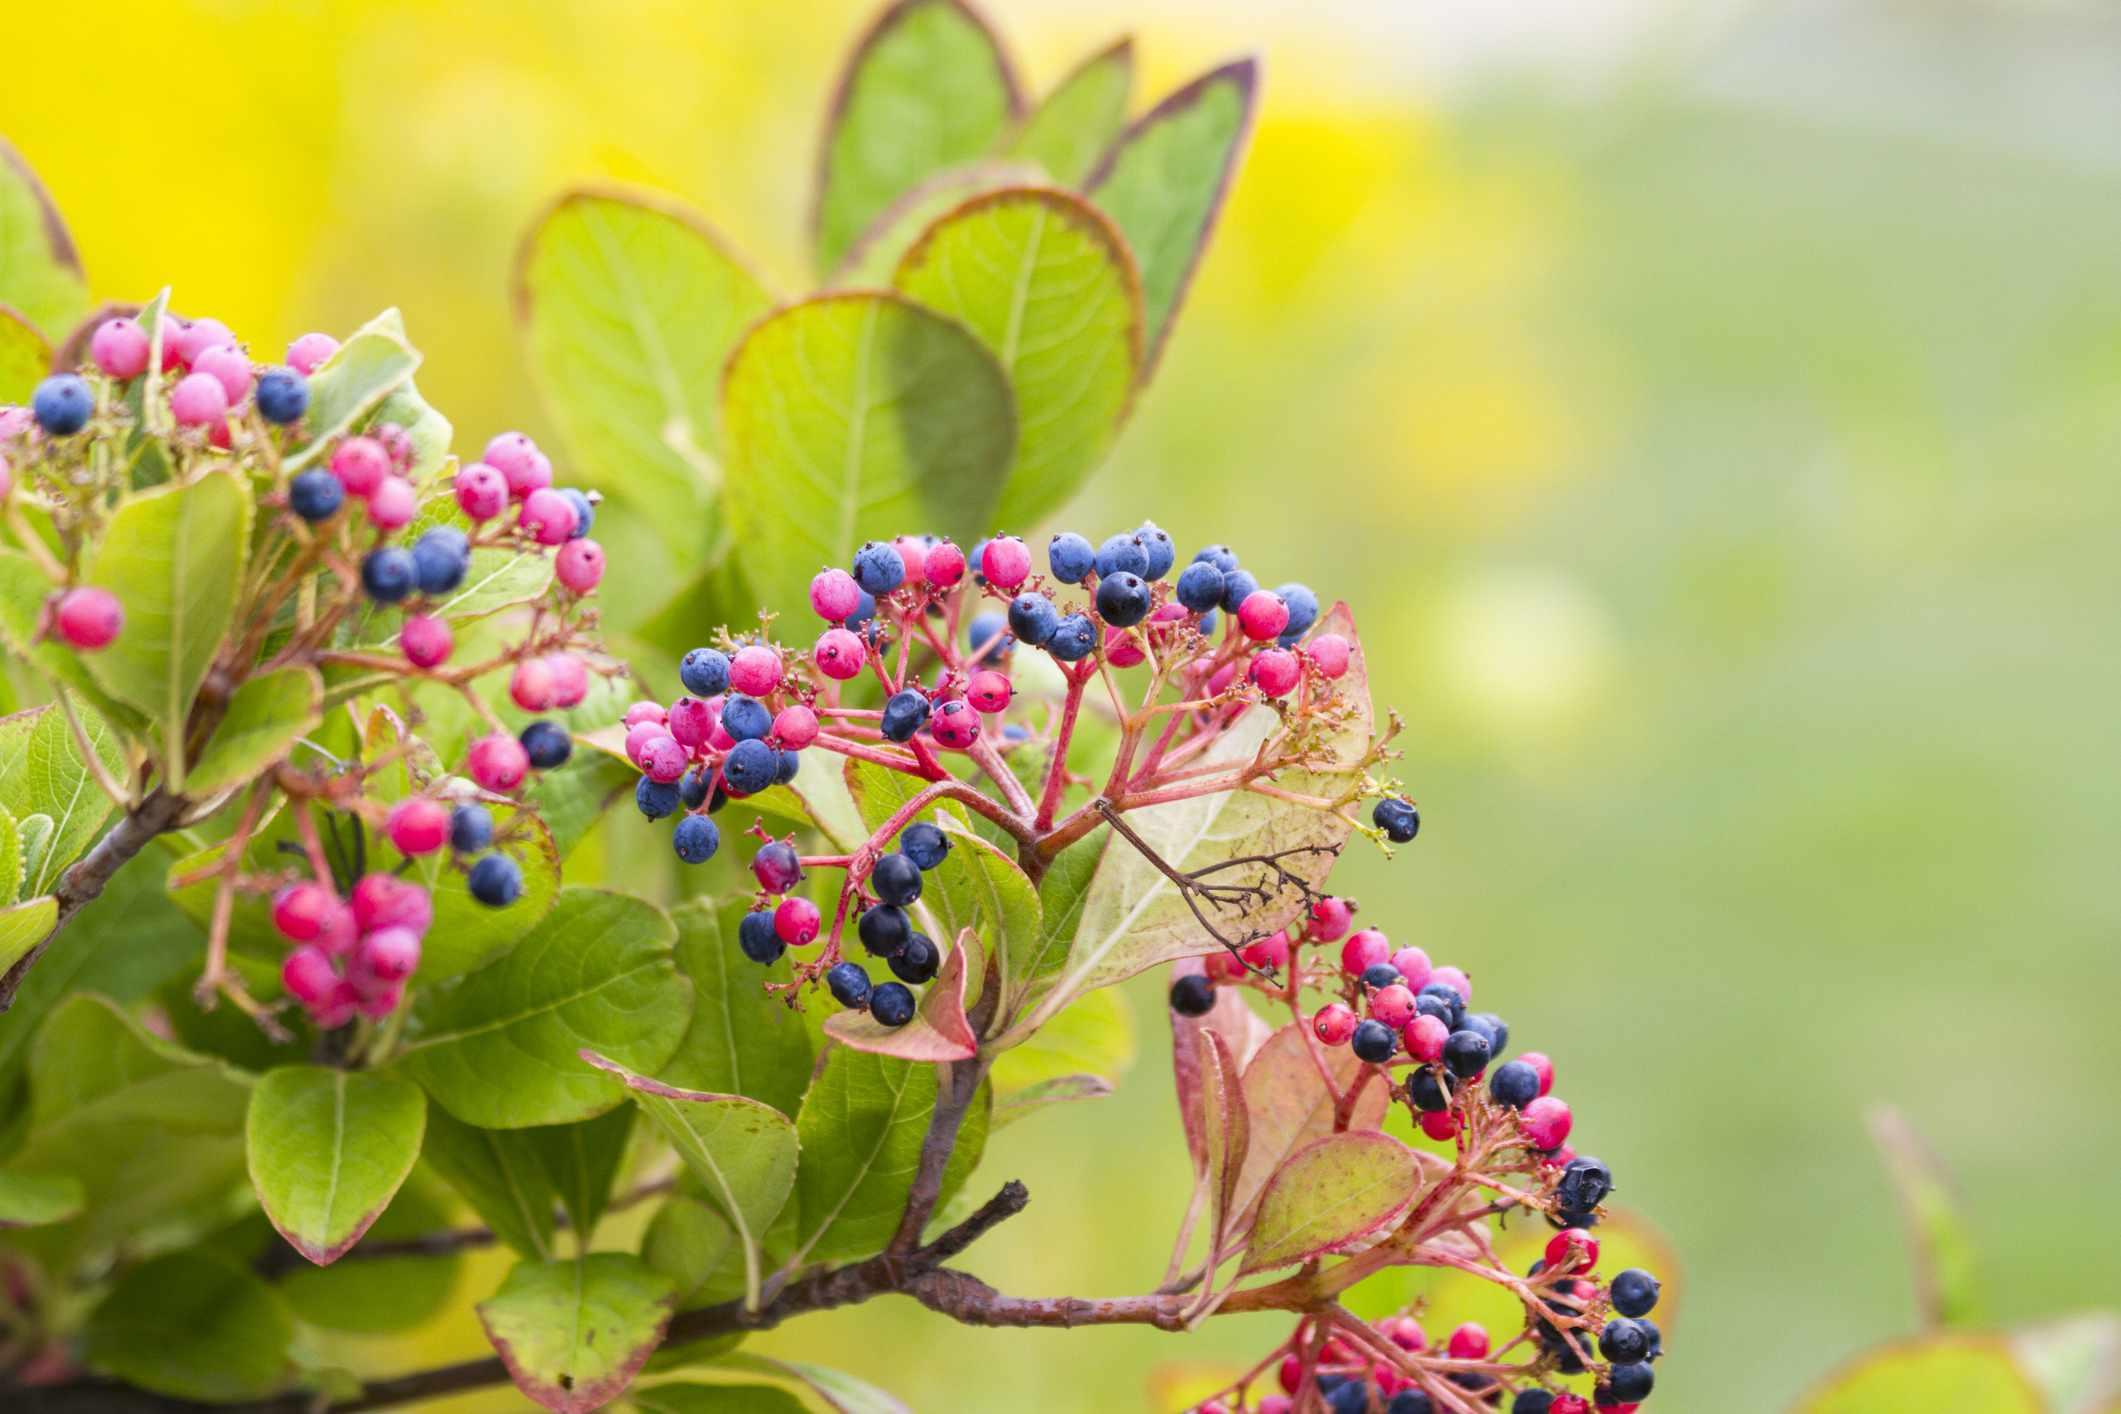 Colorful Pink And Purple Berries On Viburnum Nudum